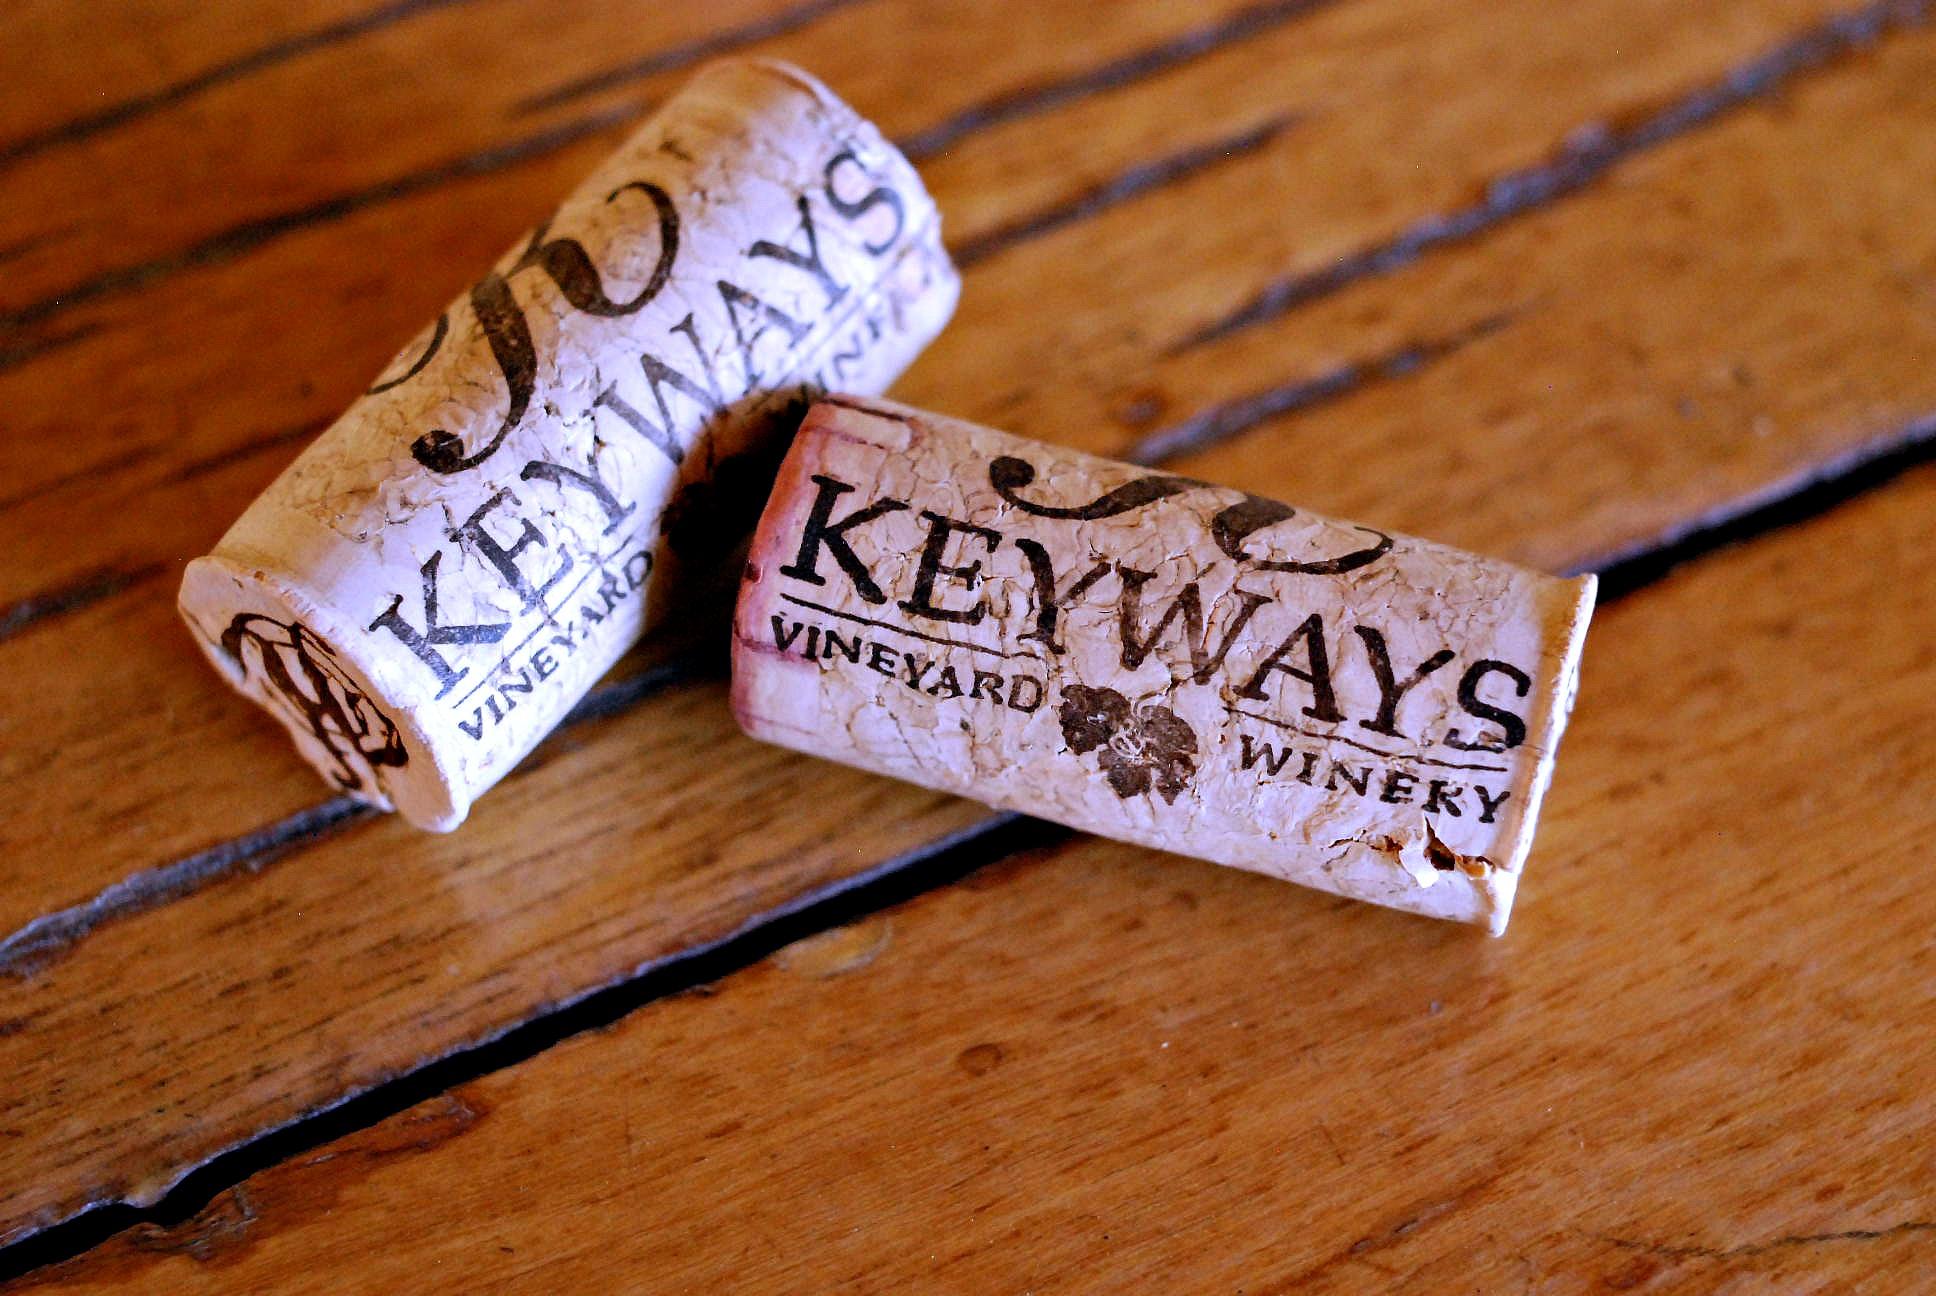 Keyways vineyard corks